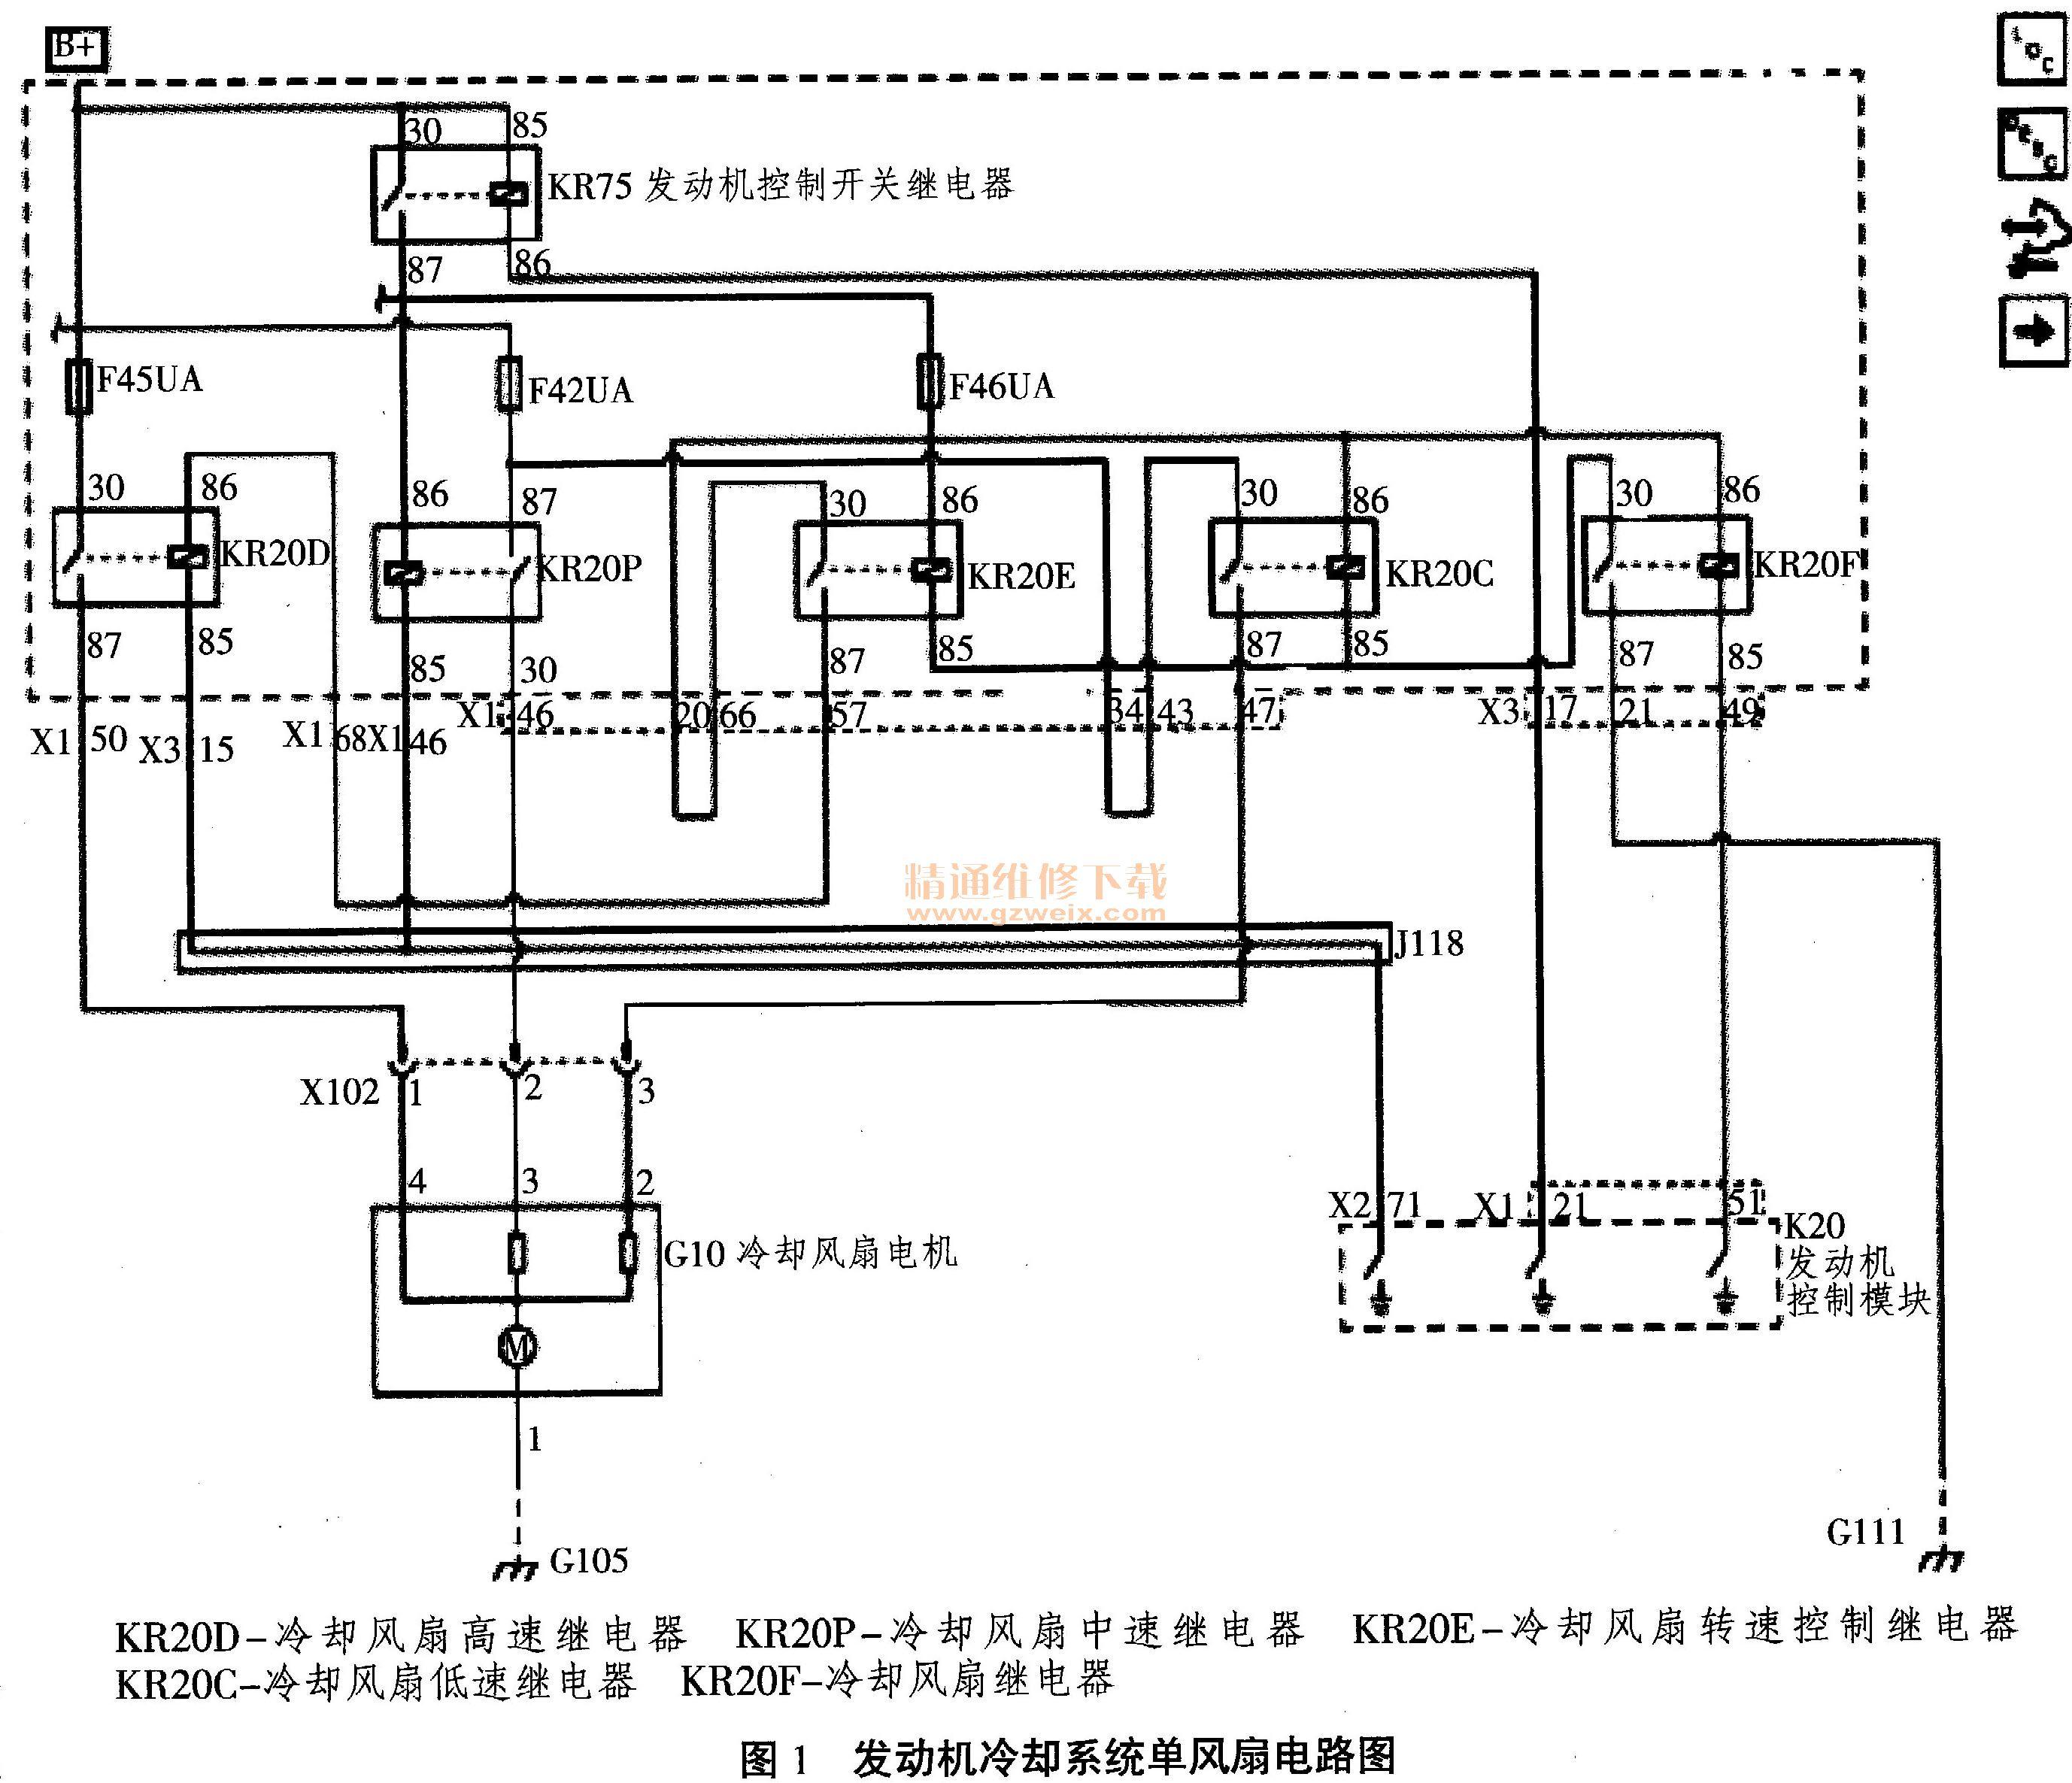 ecm能够使用2个风扇控制电路以3种速度控制冷却风扇